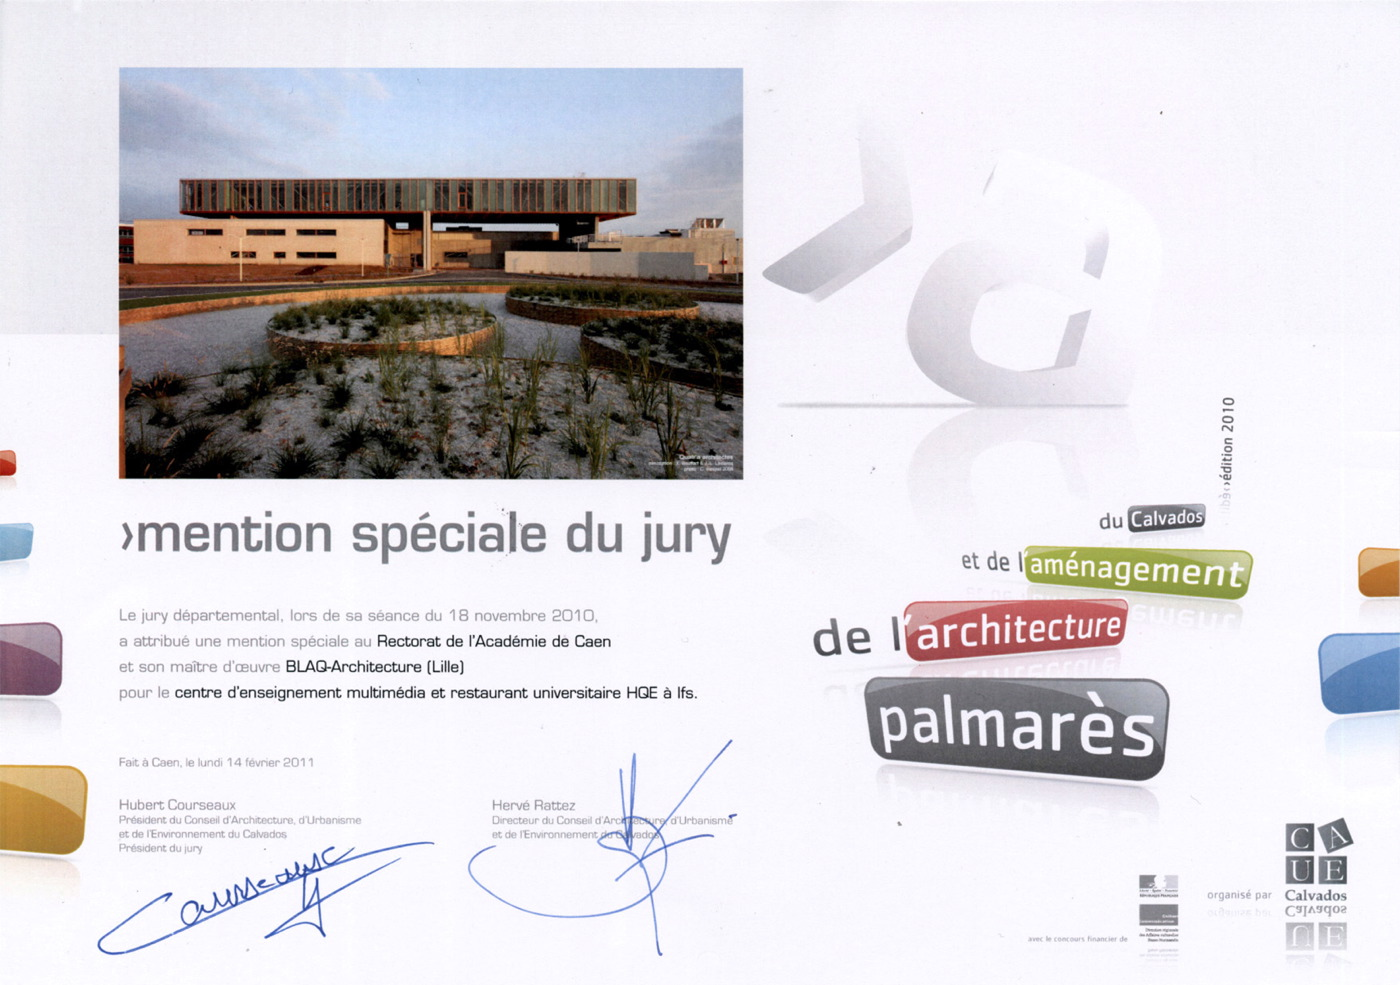 blaq-architectures-Ifs 02 Palmarès.jpg